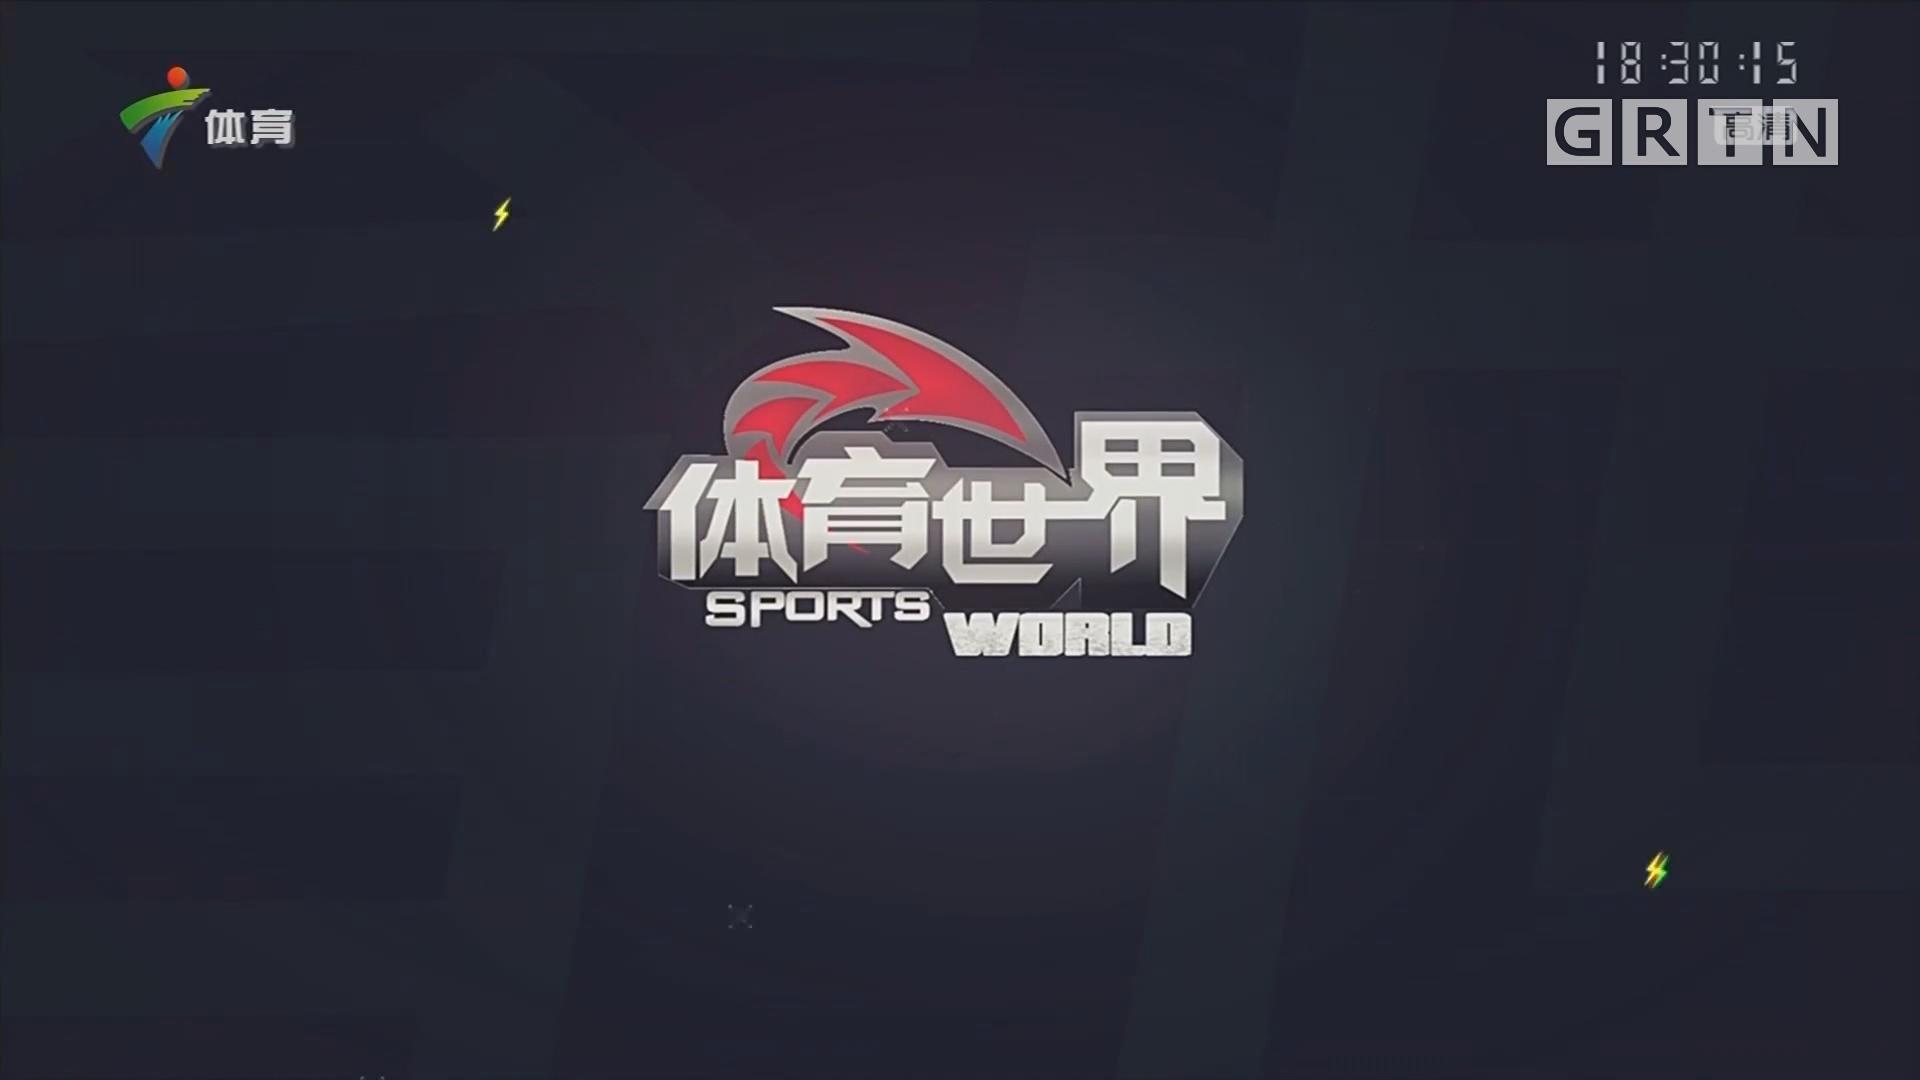 [HD][2019-01-22]体育世界:亚运冠军献绝杀 粤澳杯篮球赛广东再夺标